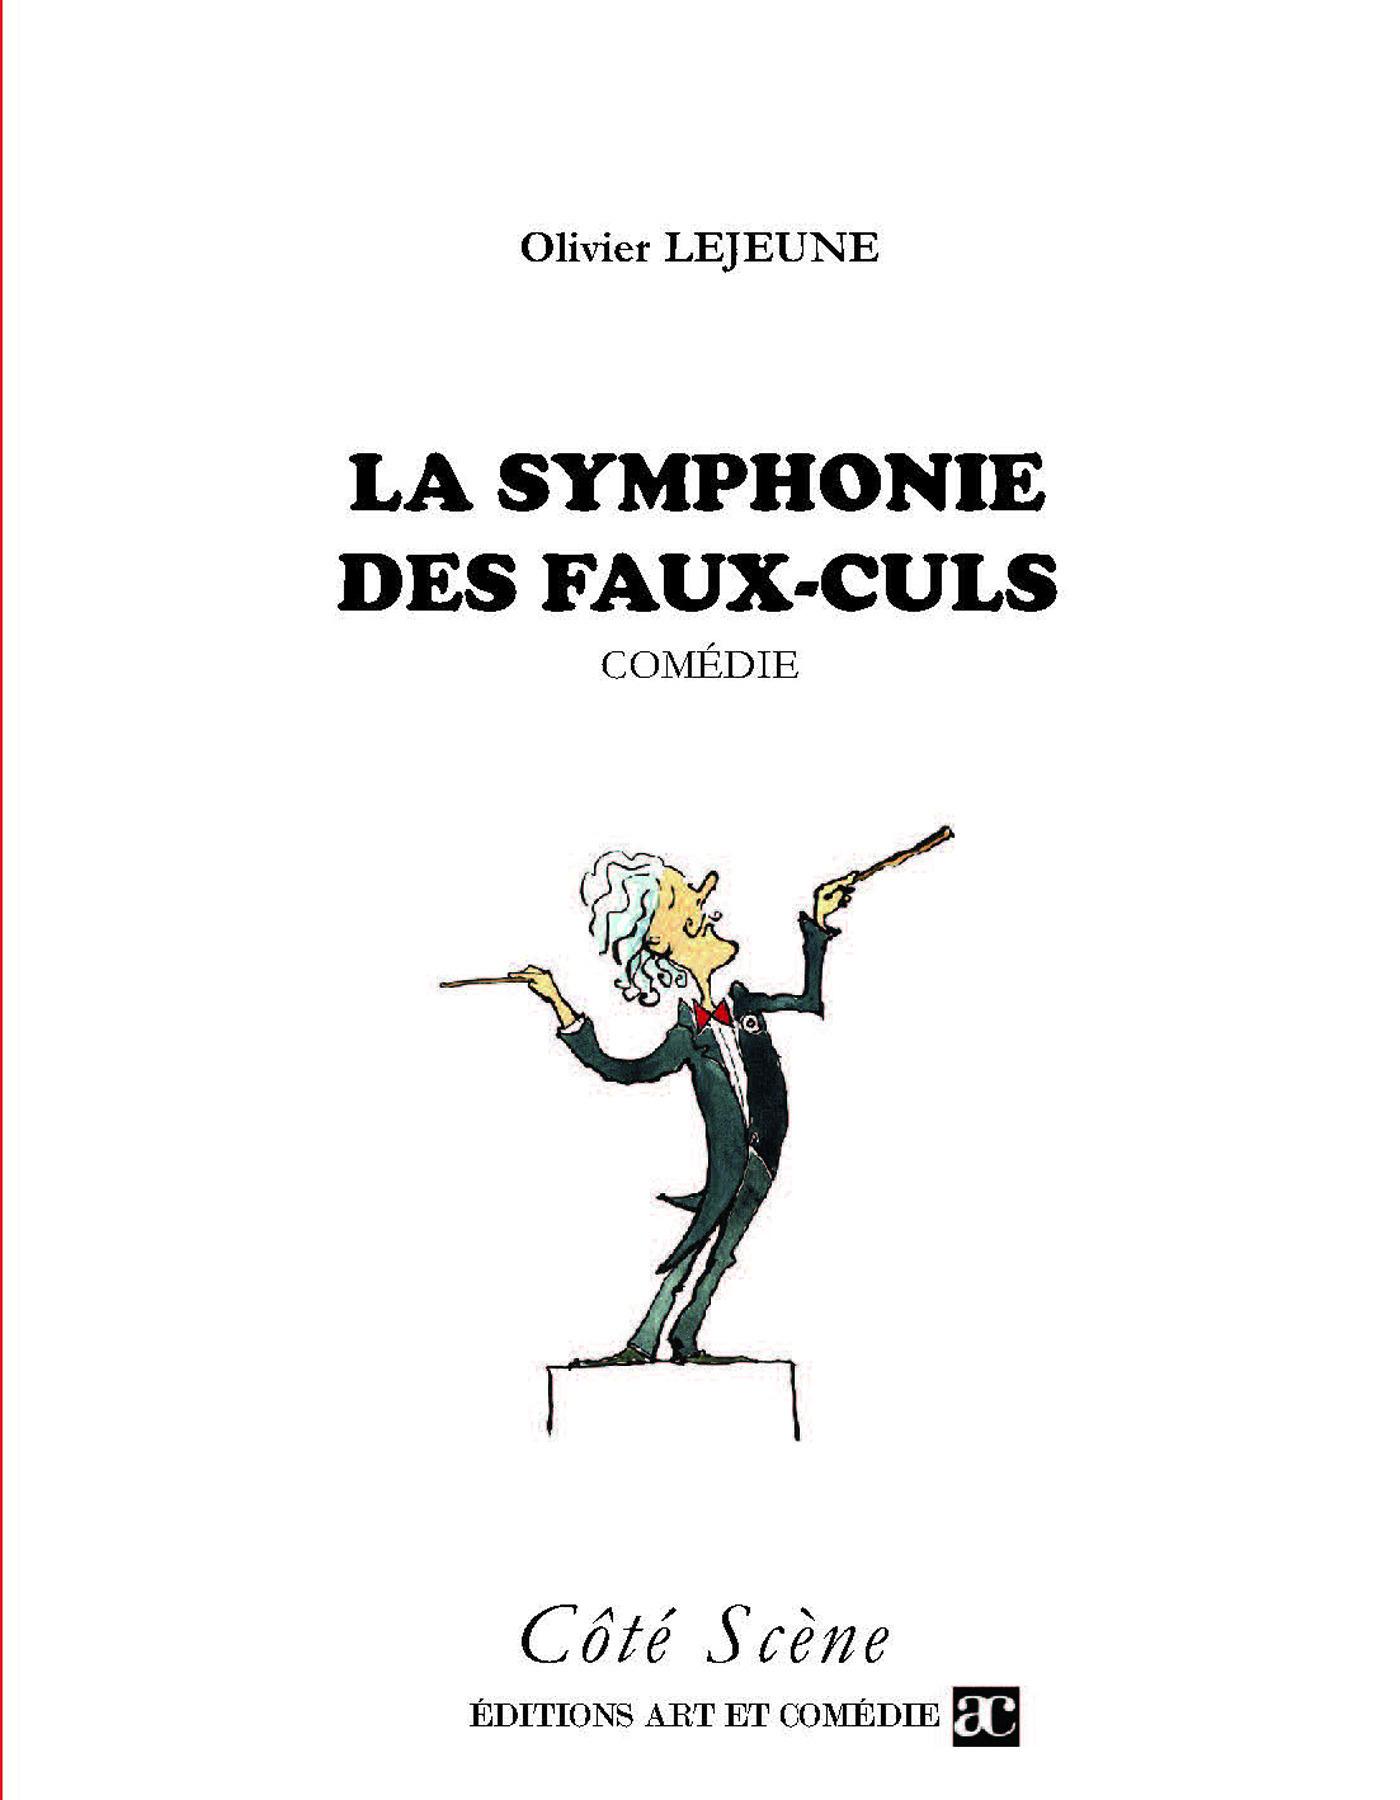 La symphonie des faux culs